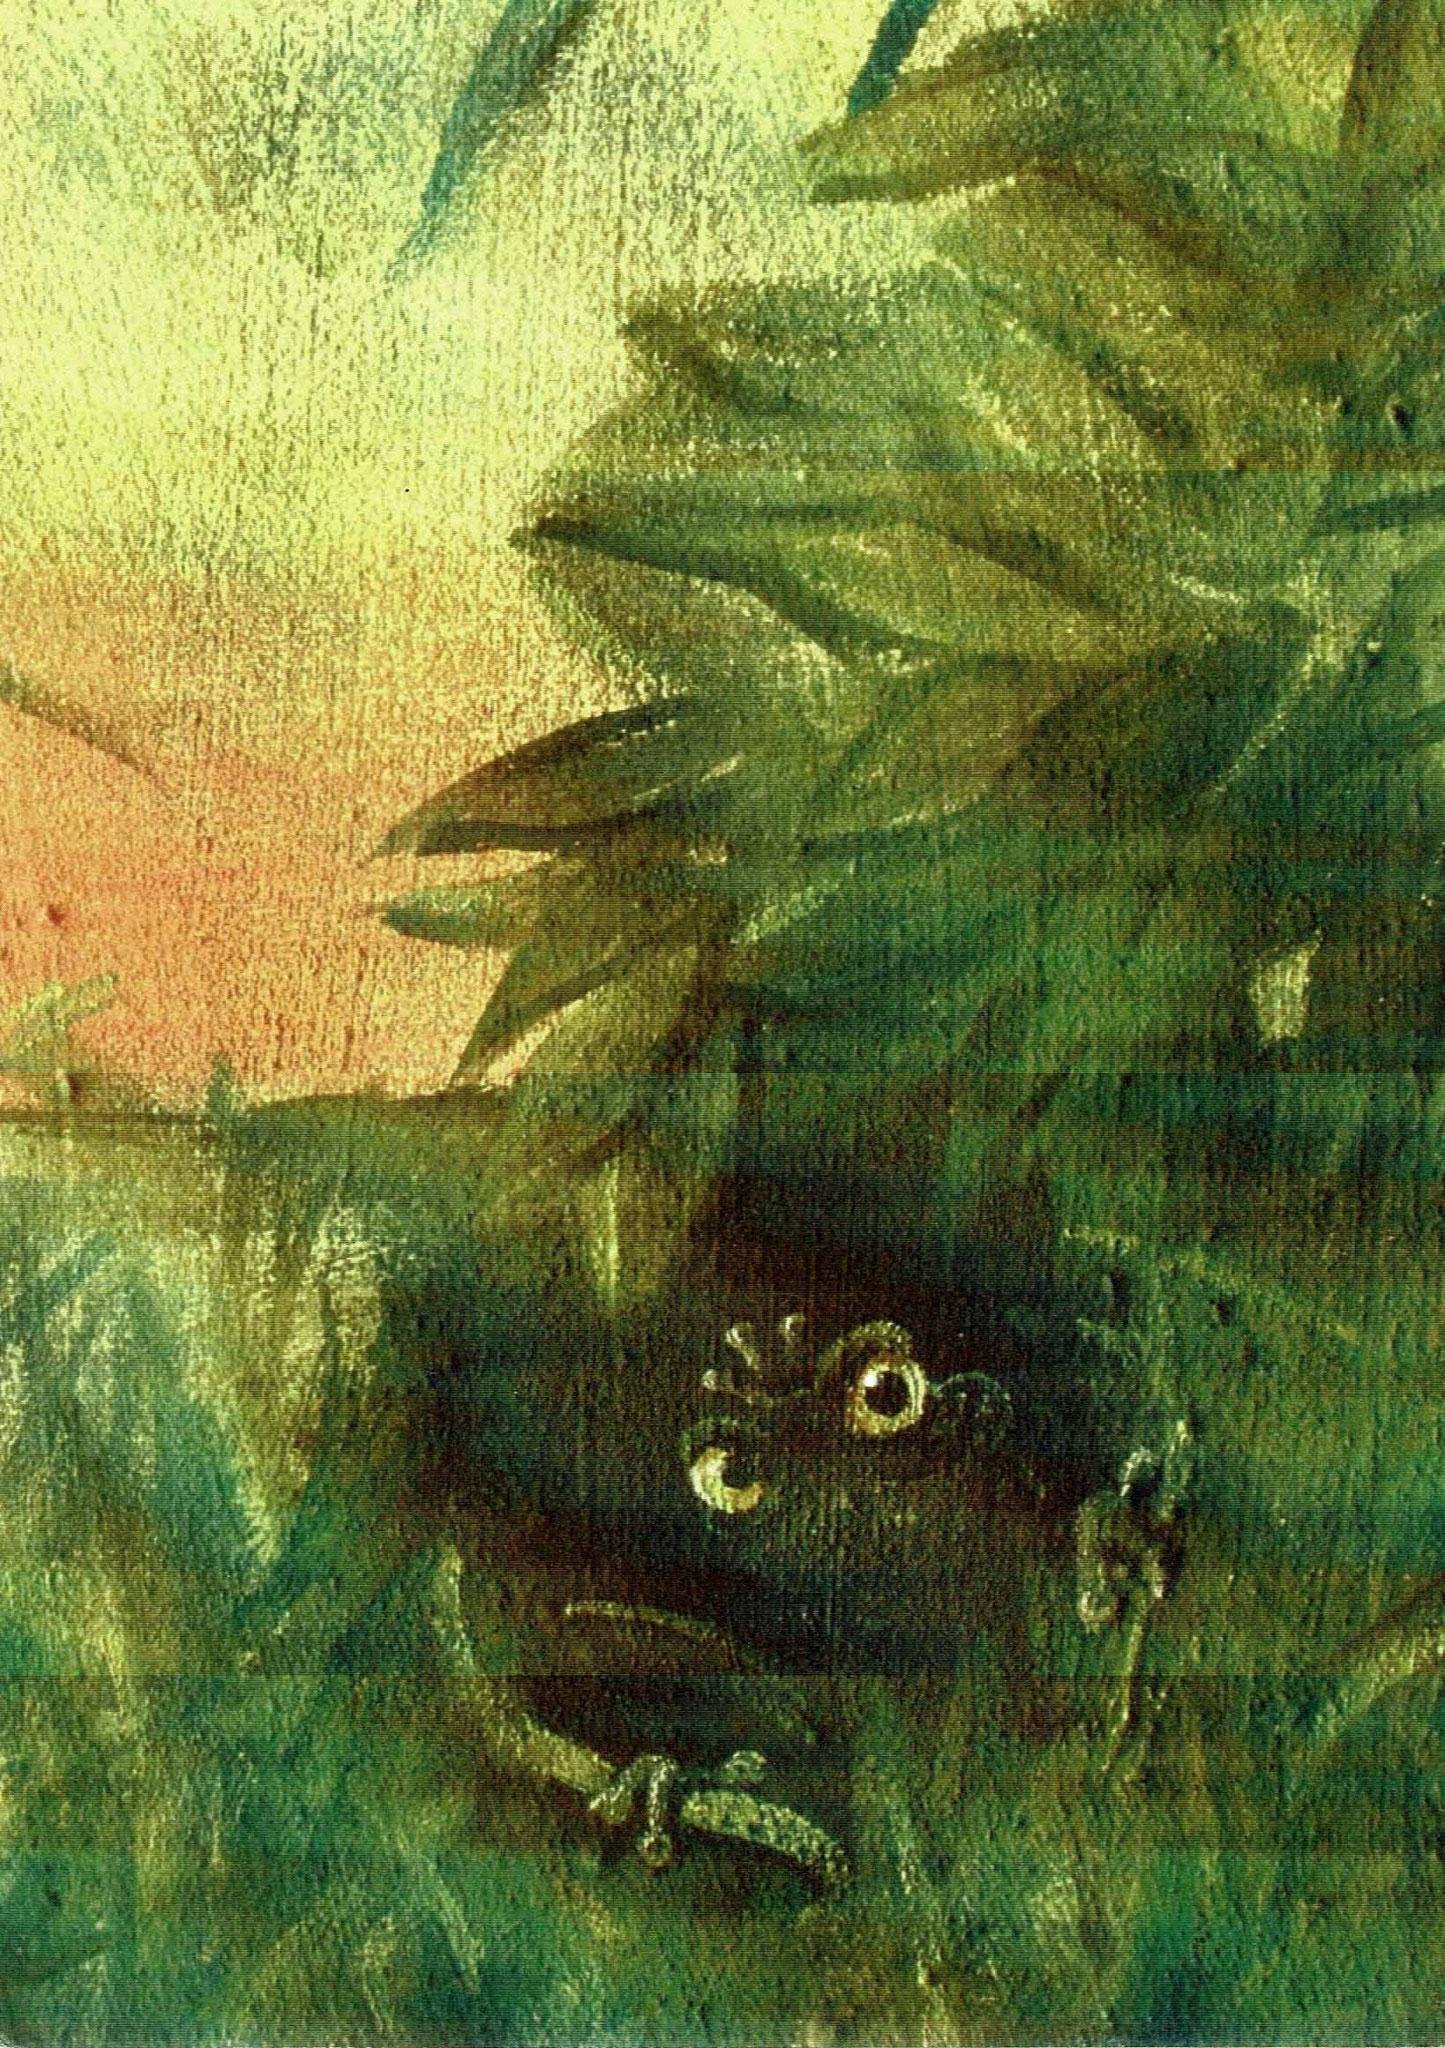 Froschkönig in dunkler Ecke - Öl auf Leinwand 30 x 40 cm